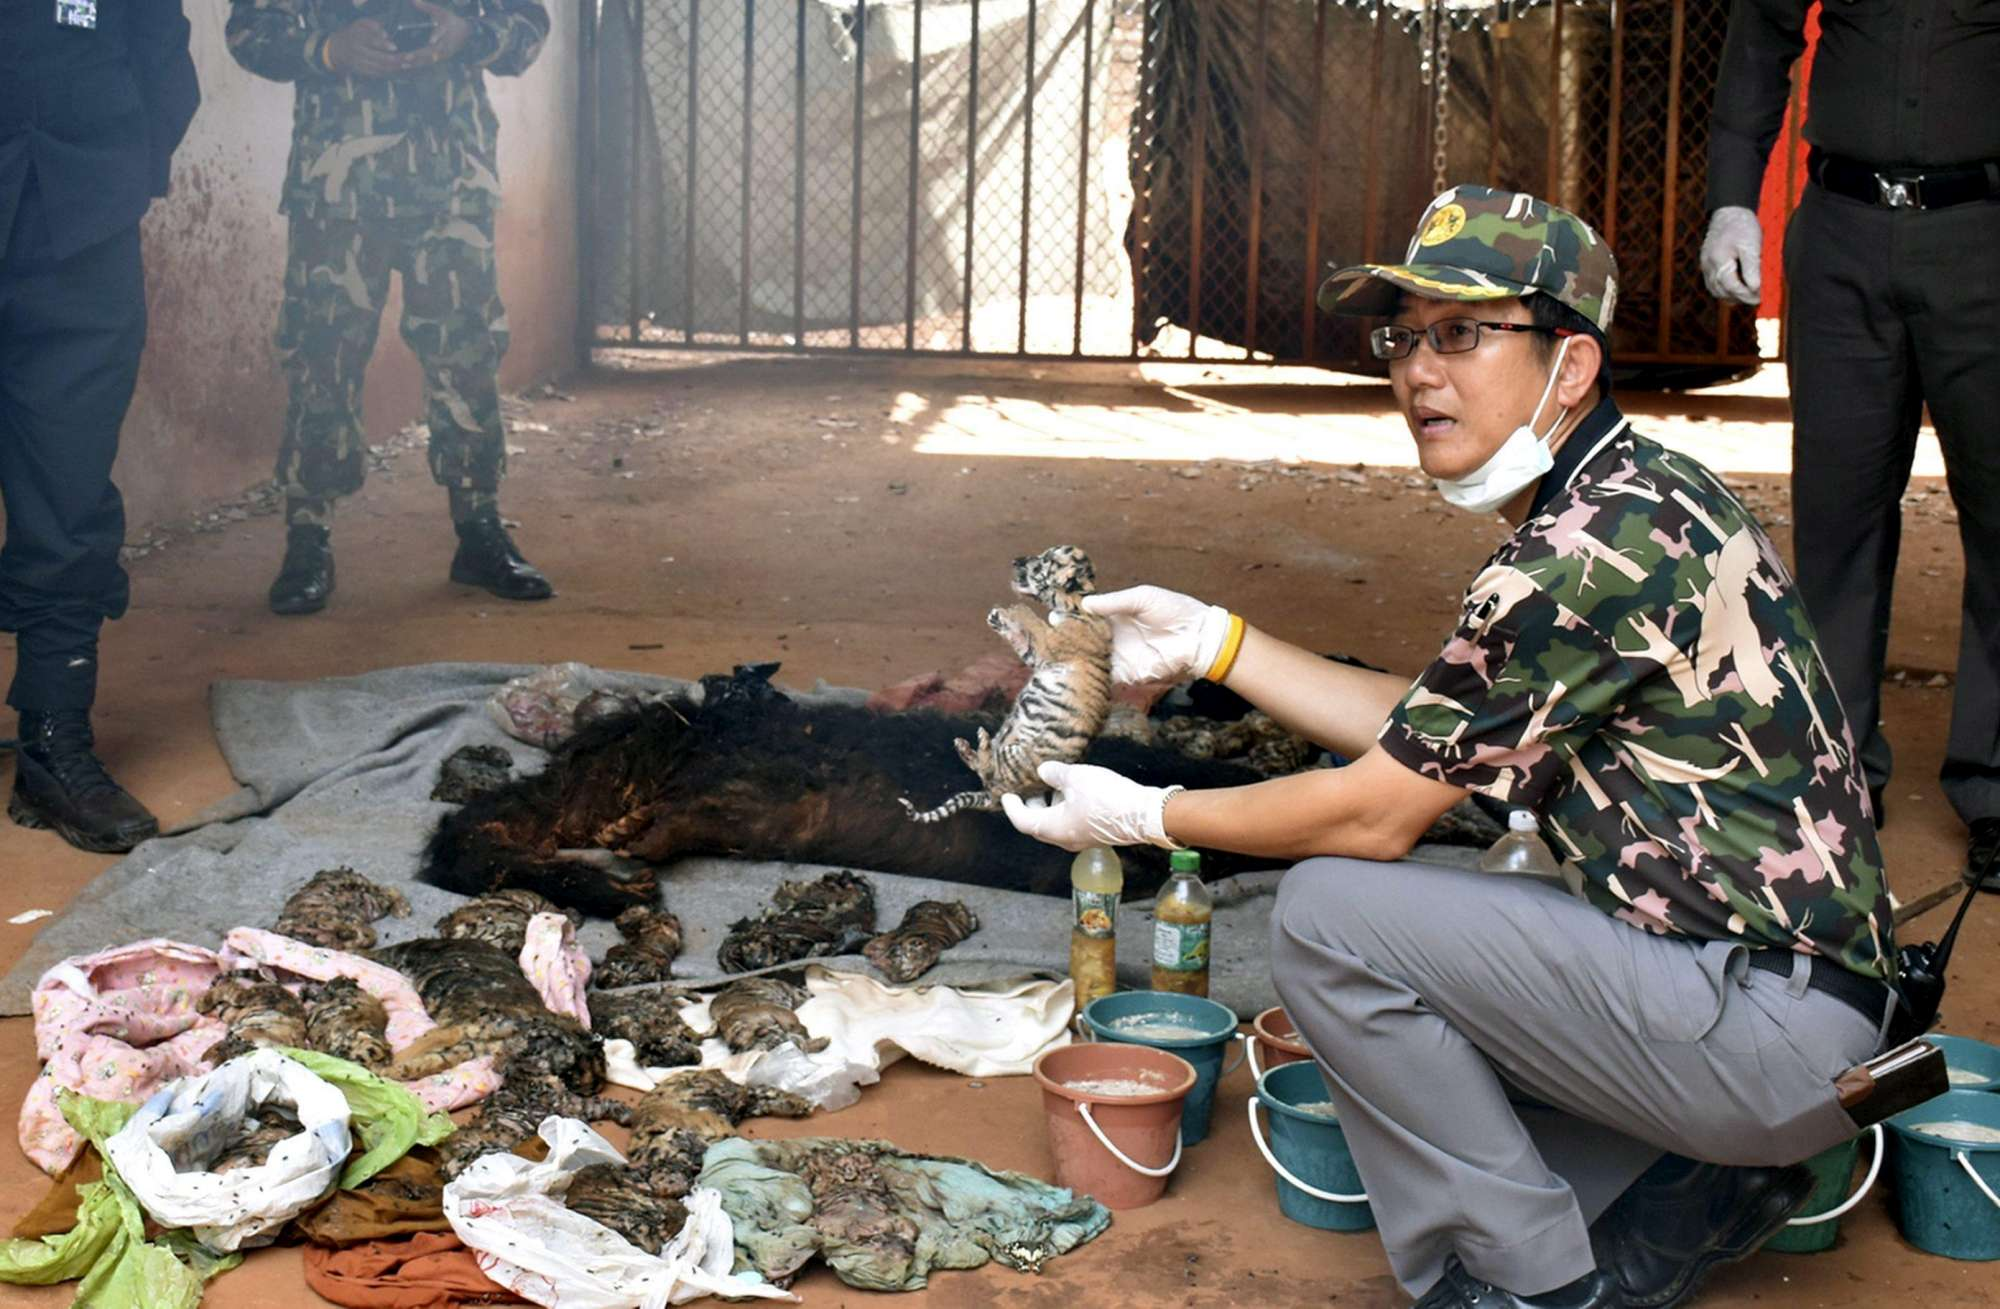 40 cuccioli di tigre sono stati trovati morti in un tempio thailandese